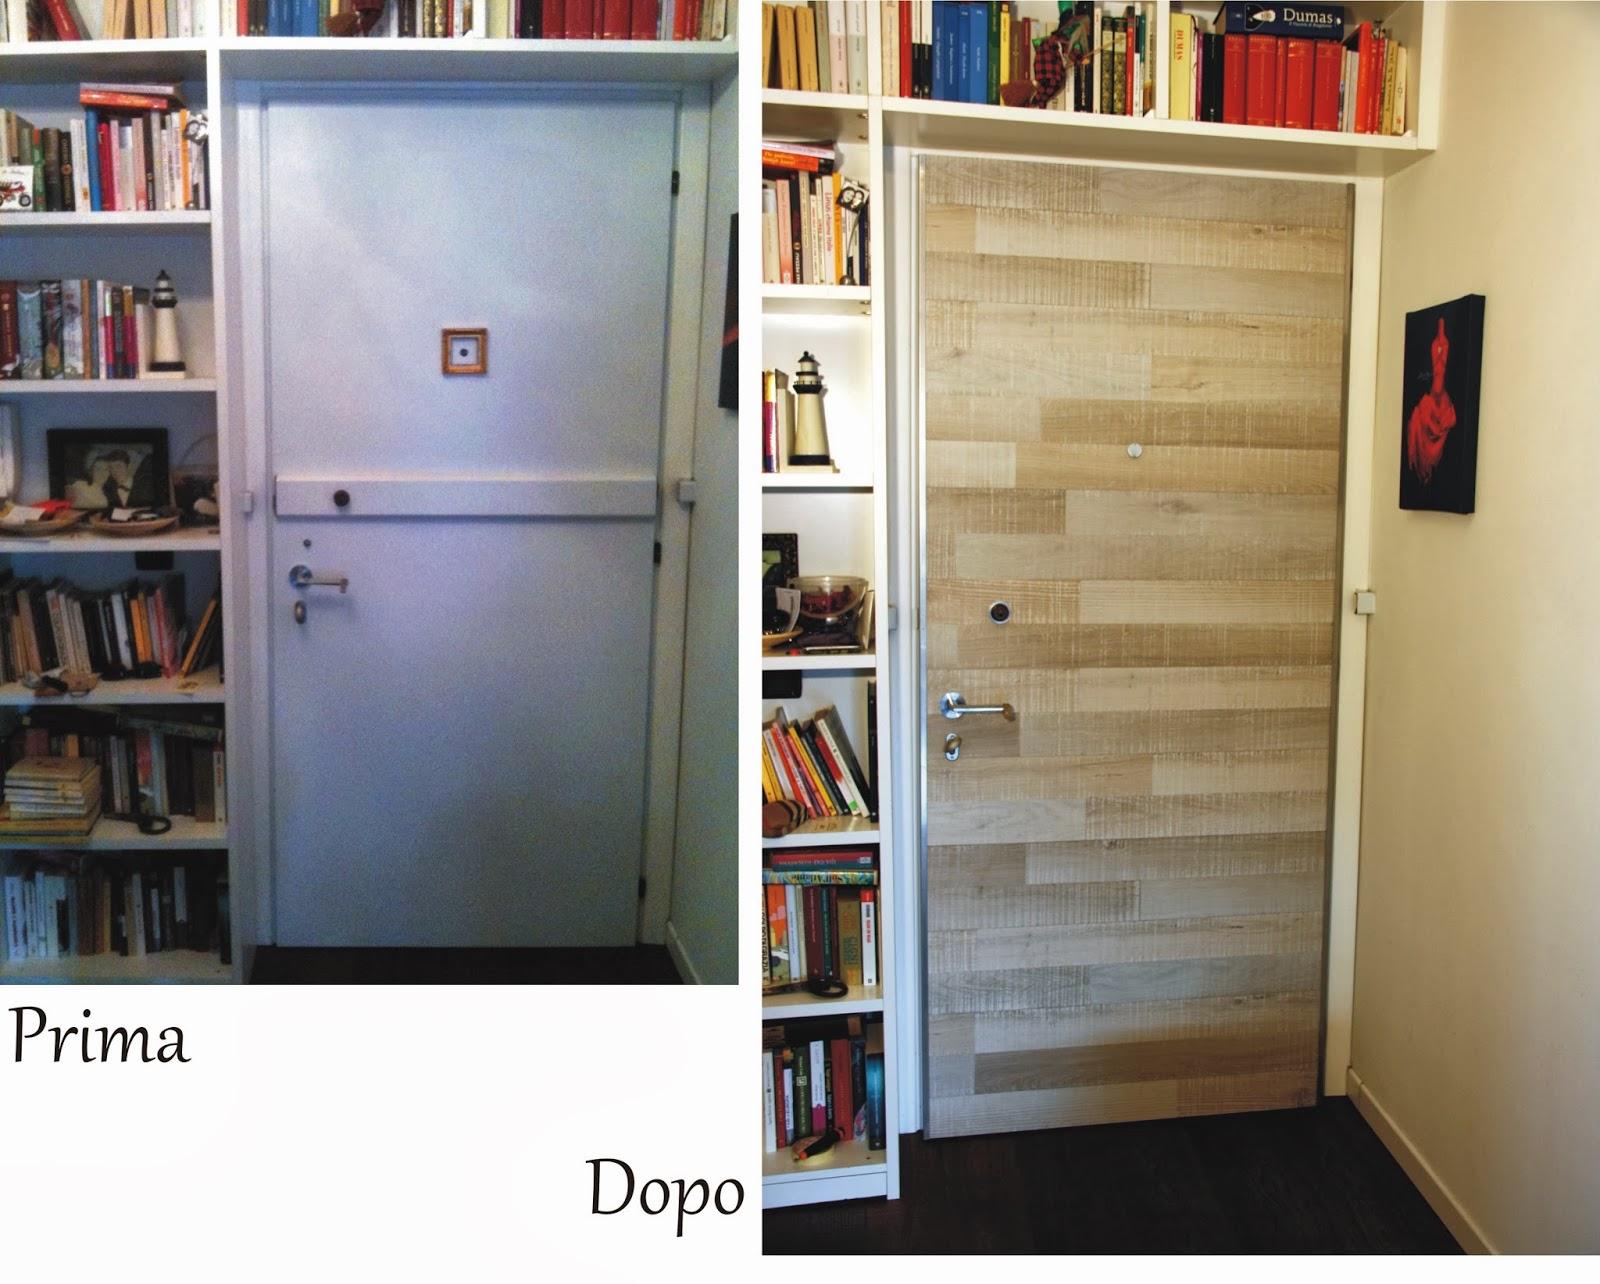 Il baule delle idee rinnovare e insonorizzare una porta con assi da pavimento - Tecniche per rinnovare mobili ...